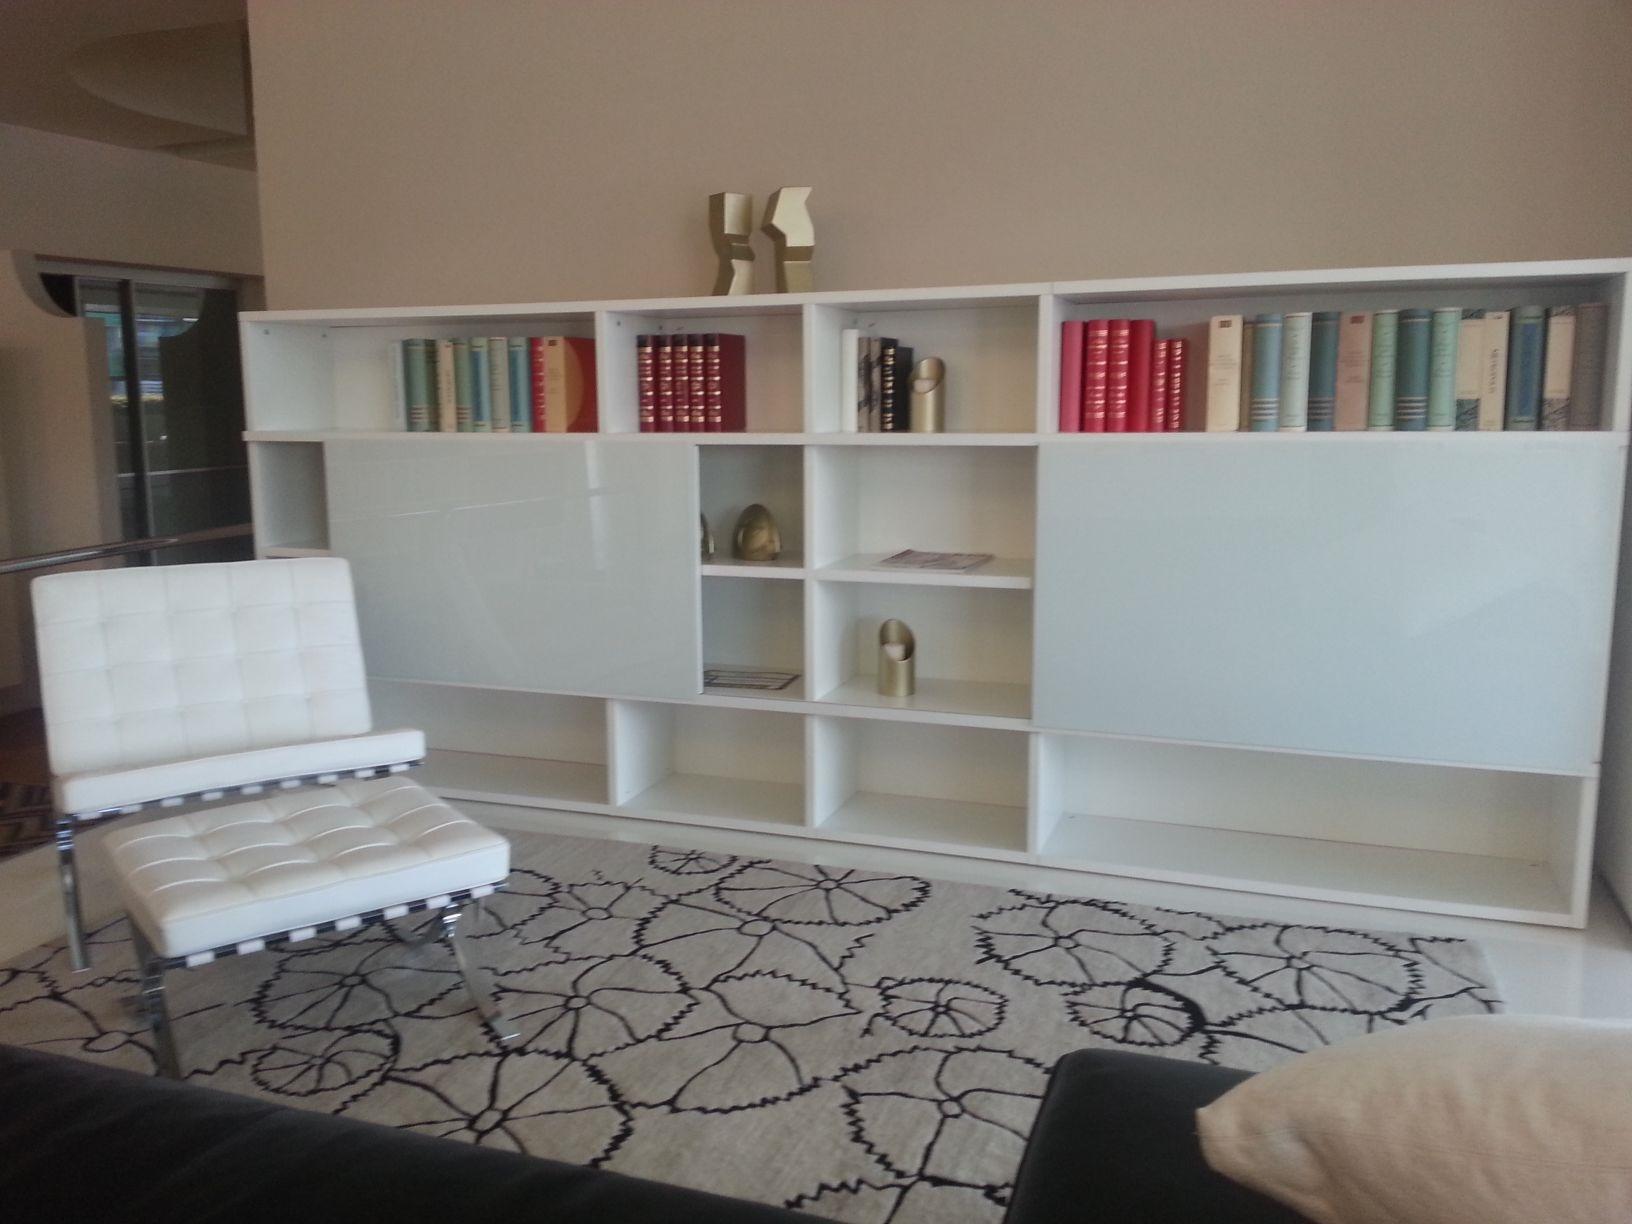 Libreria bianca design duzzle mensola me bianca tft with for Libreria a muro bianca